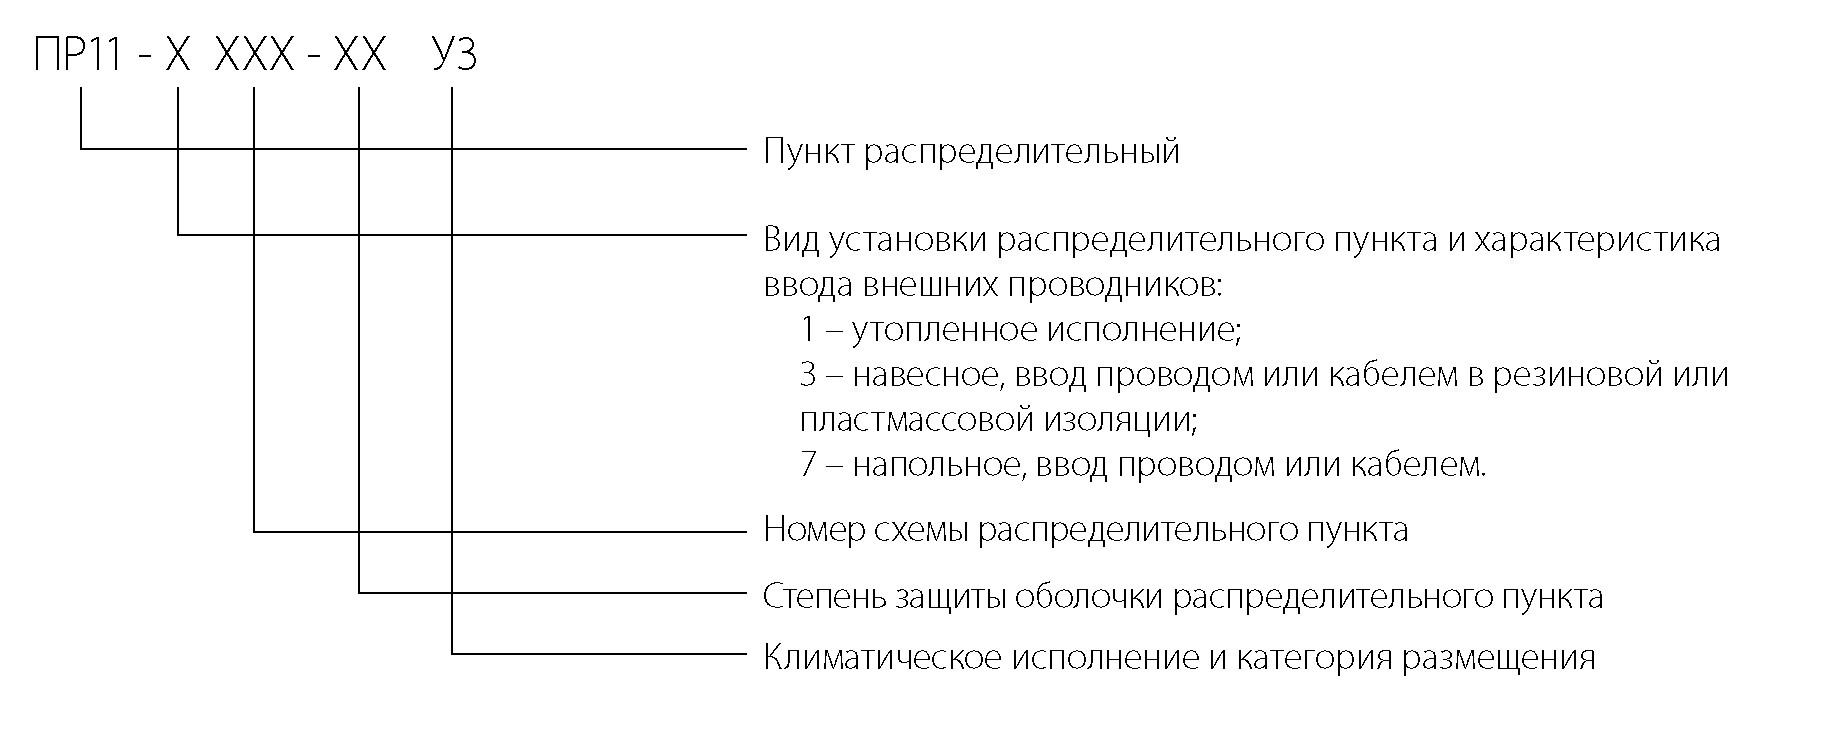 1 Распределительные пункты серии ПР11